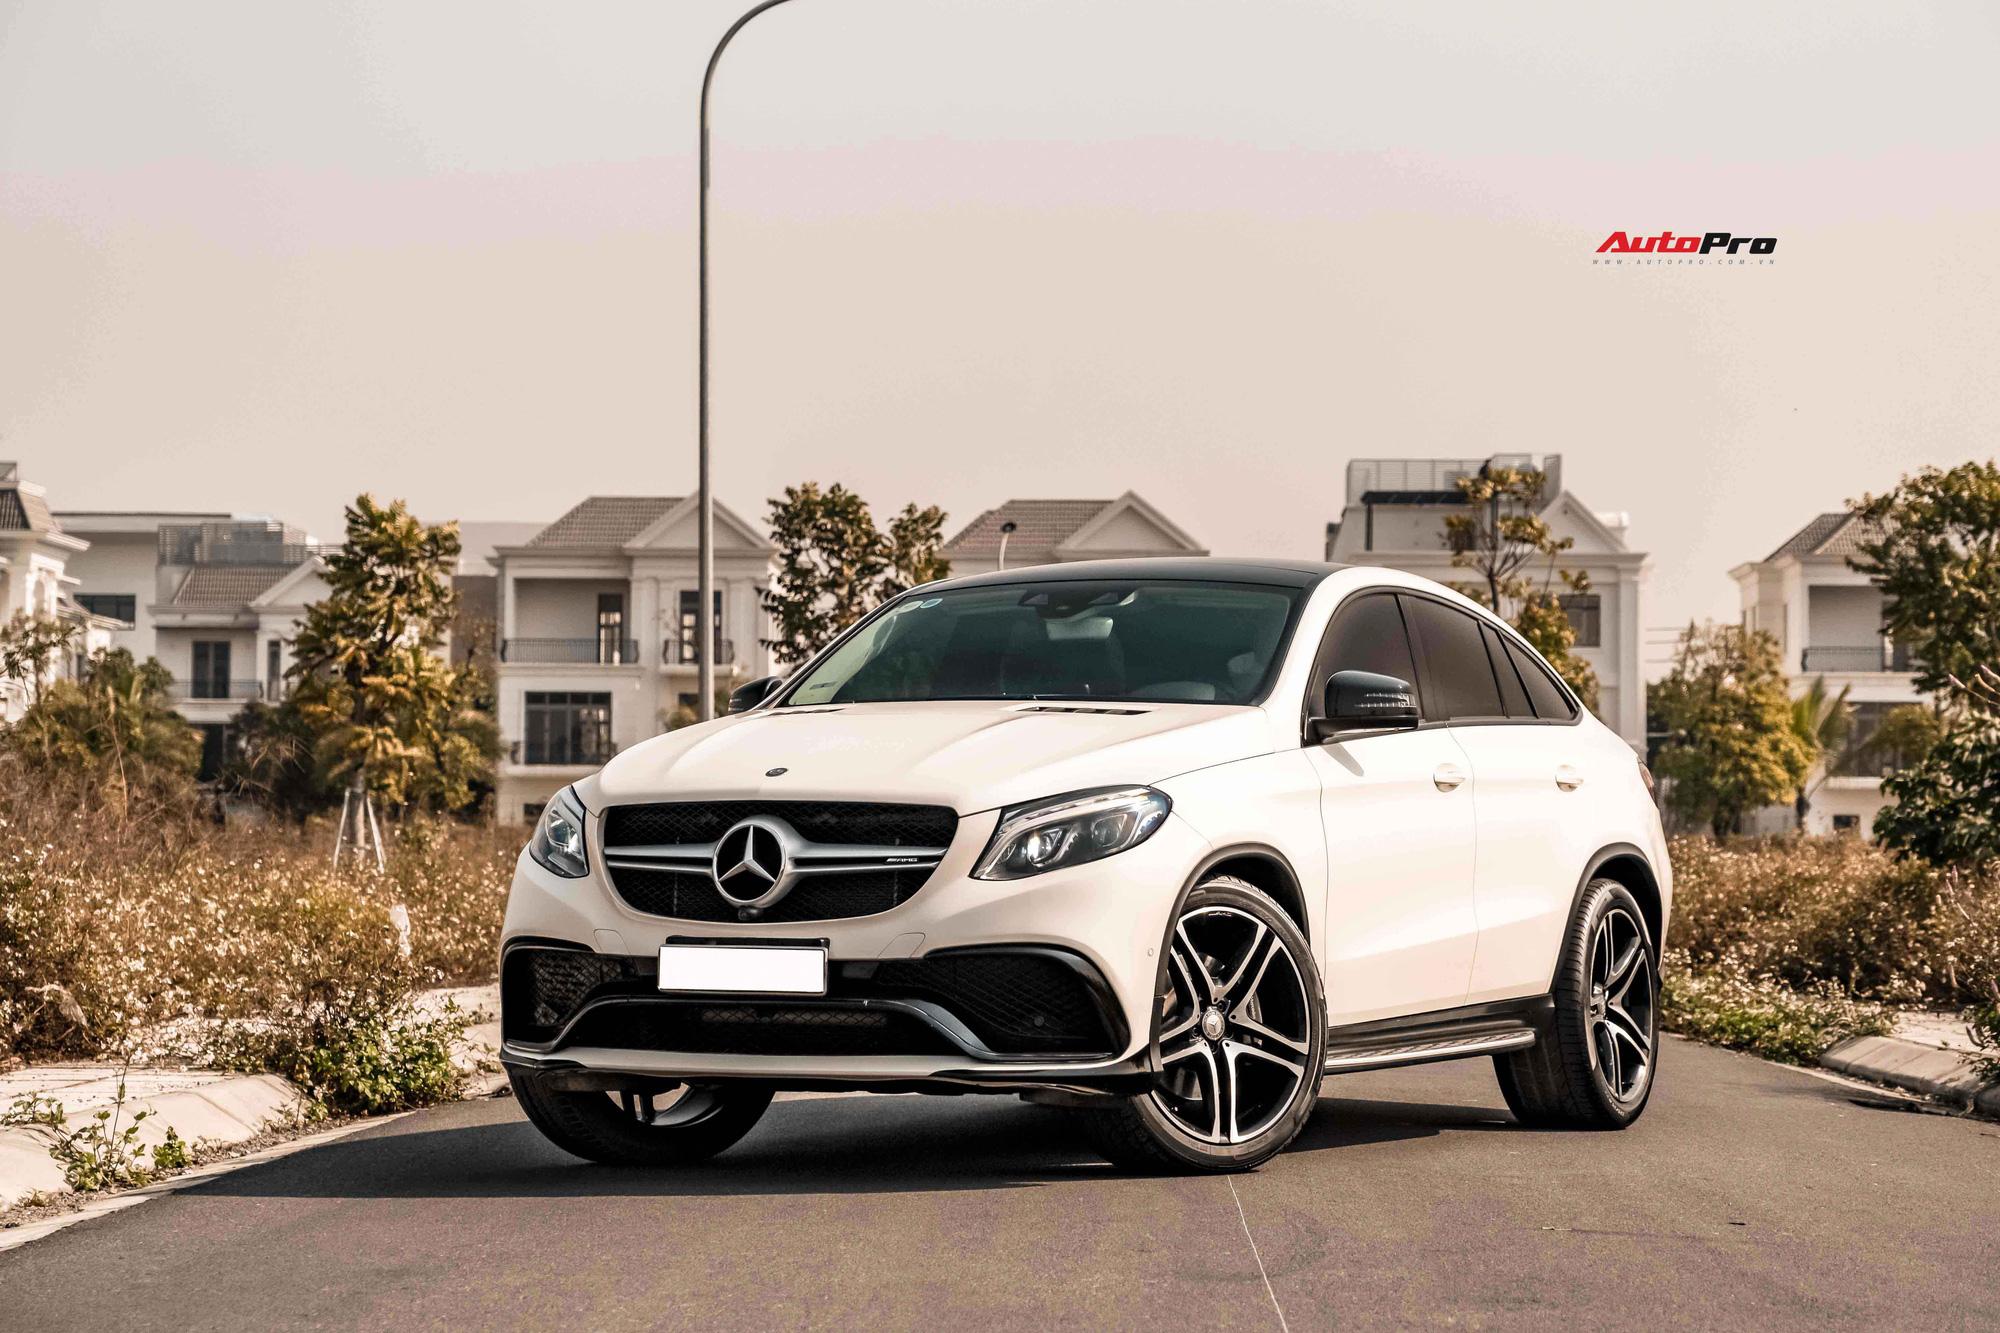 'Hàng hiếm' Mercedes-Benz GLE 450 Coupe chào bán 3,2 tỷ: Tiền độ kiểu GLE 63 đủ mua Hyundai Grand i10